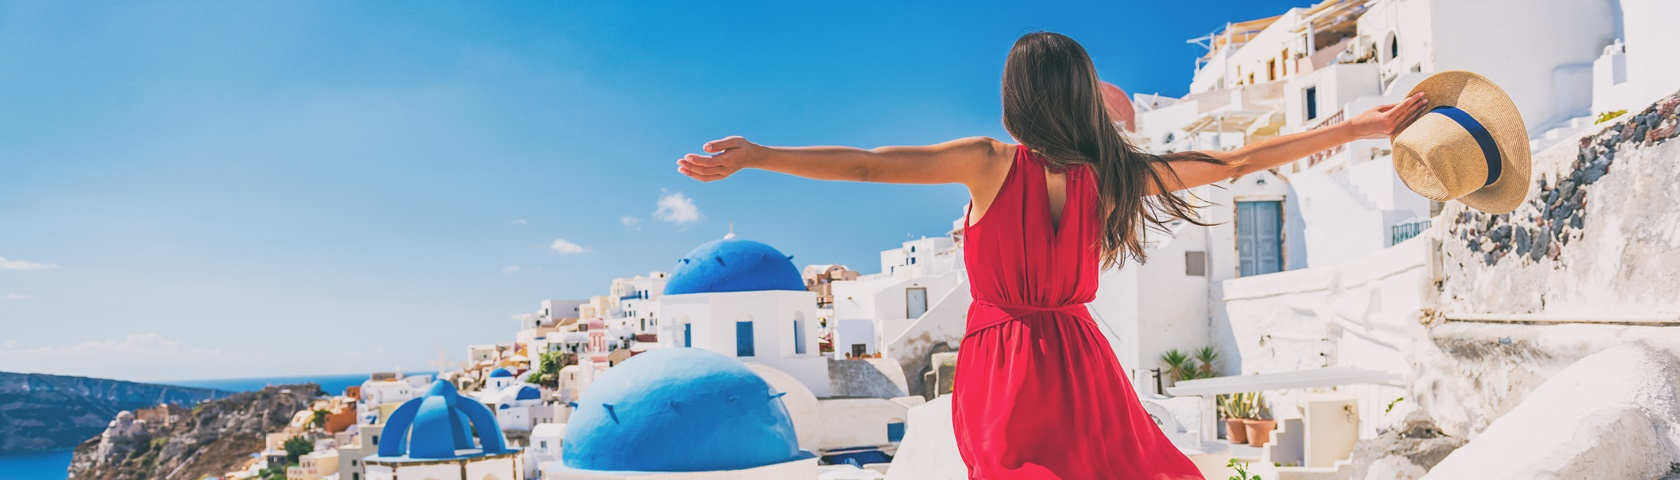 Leć do Grecji